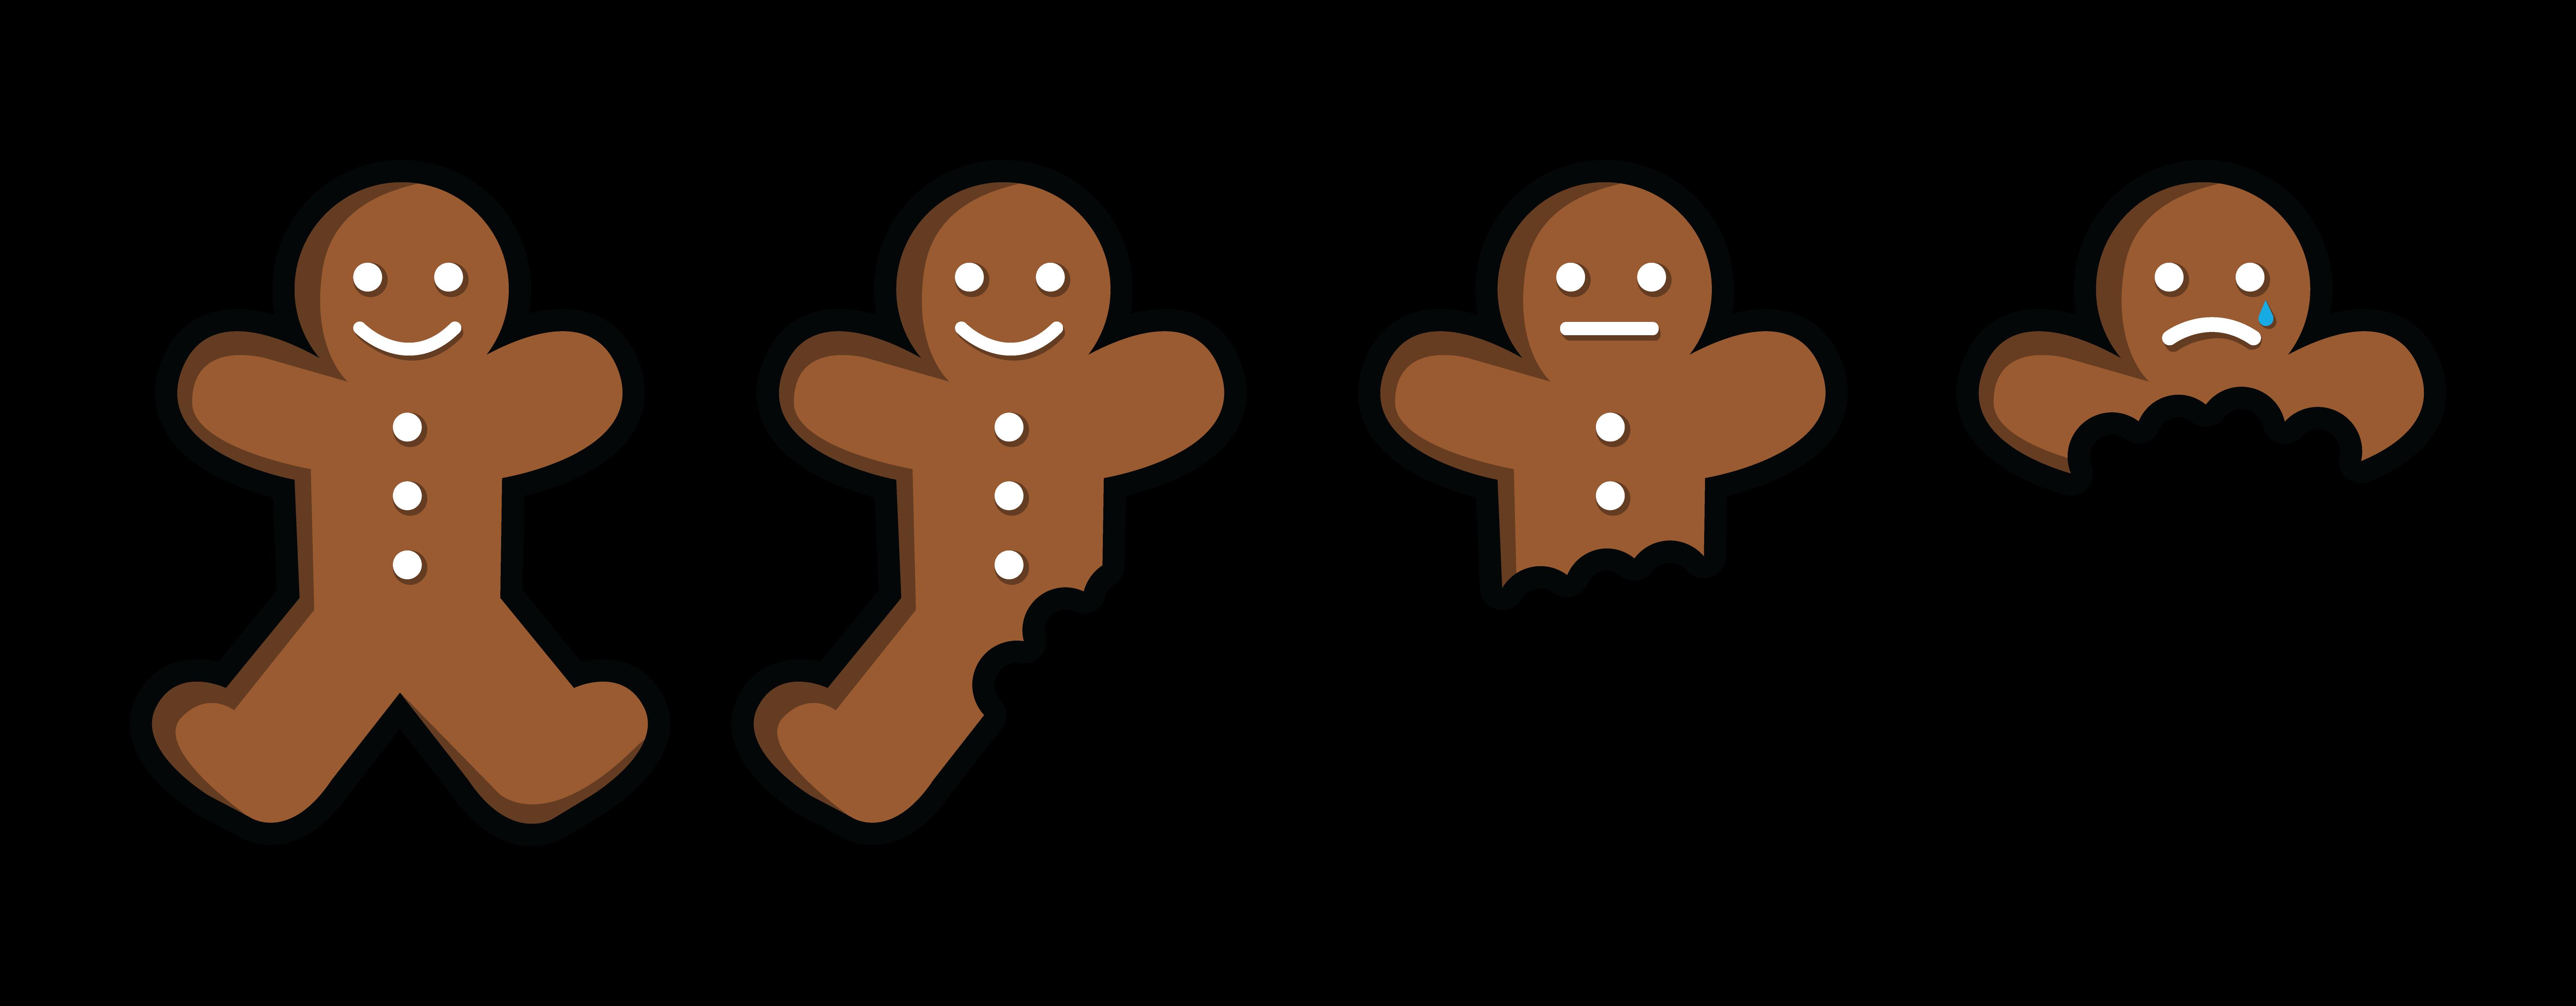 6400x2500 Gingerbread Clipart Eaten